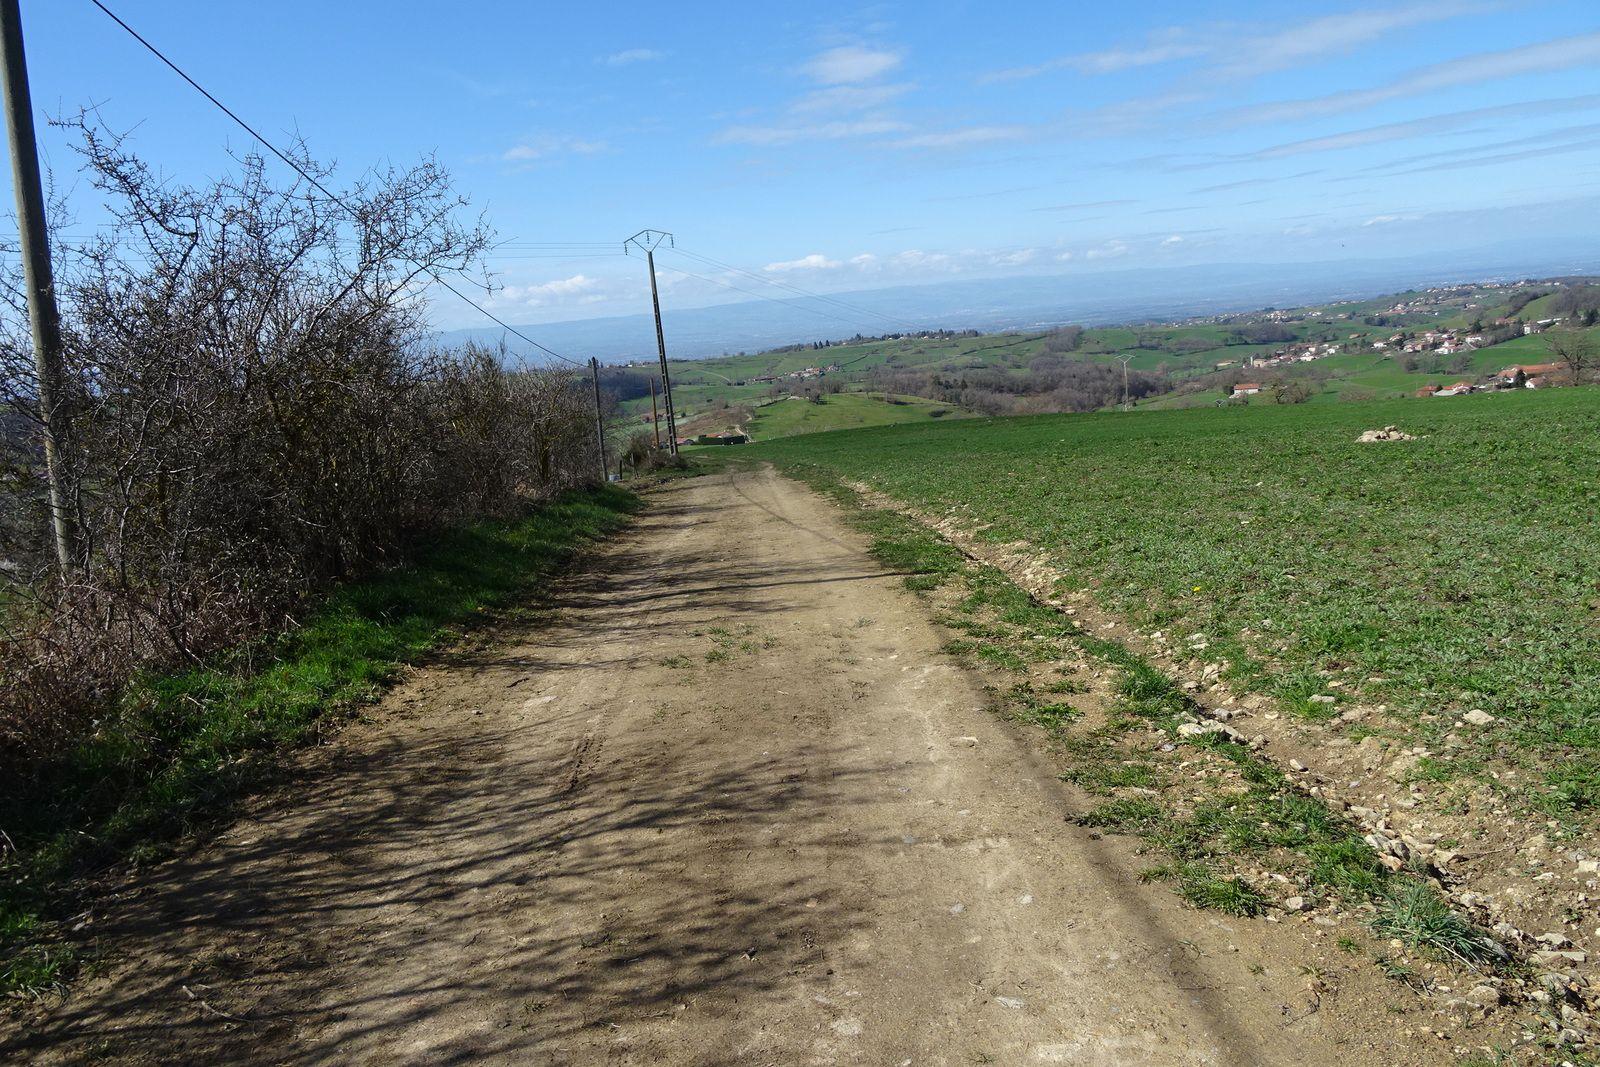 Le sentier qui remonte à Fontanès a été nivelé, plus de challenge dans les cailloux, mis à part la pente aucune difficulté. Je me ravitaille à la table d'orientation.